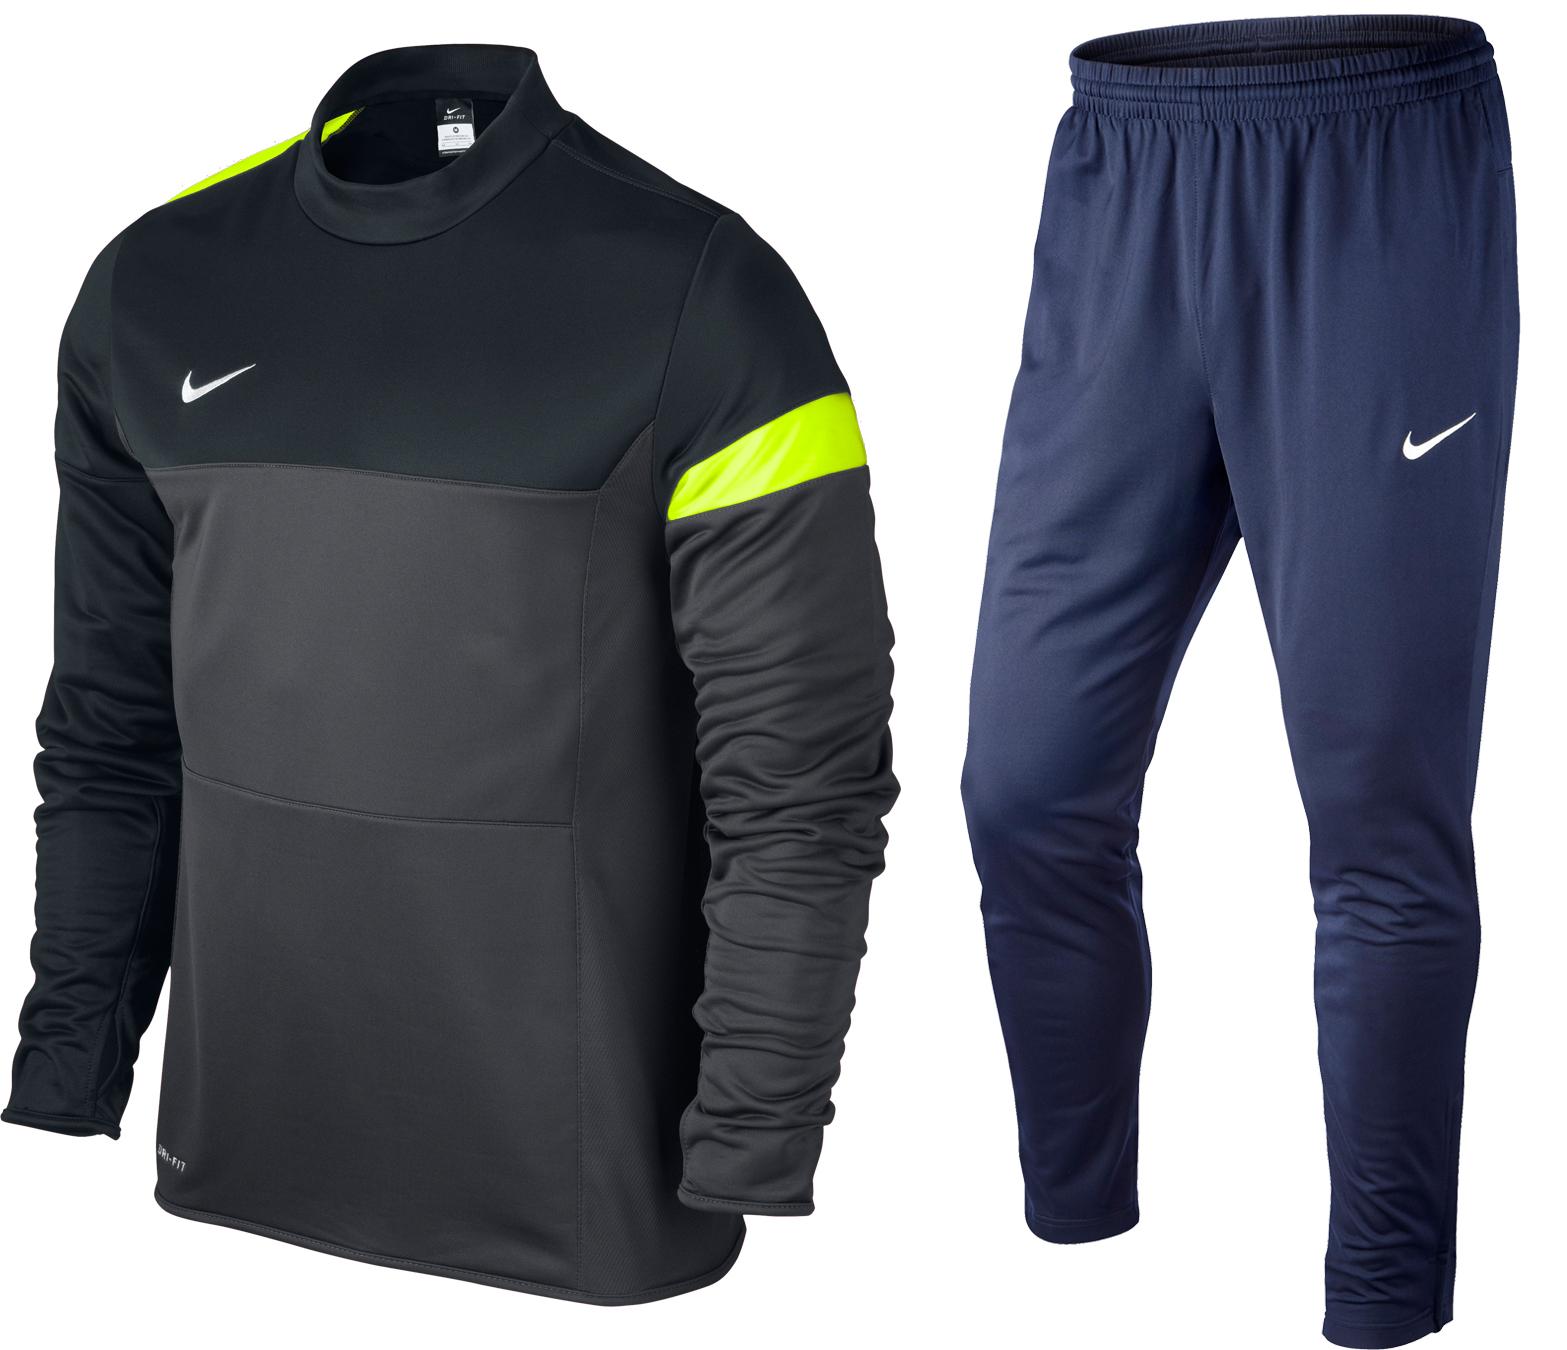 Nike Träningsställ Svart/Navy Barn